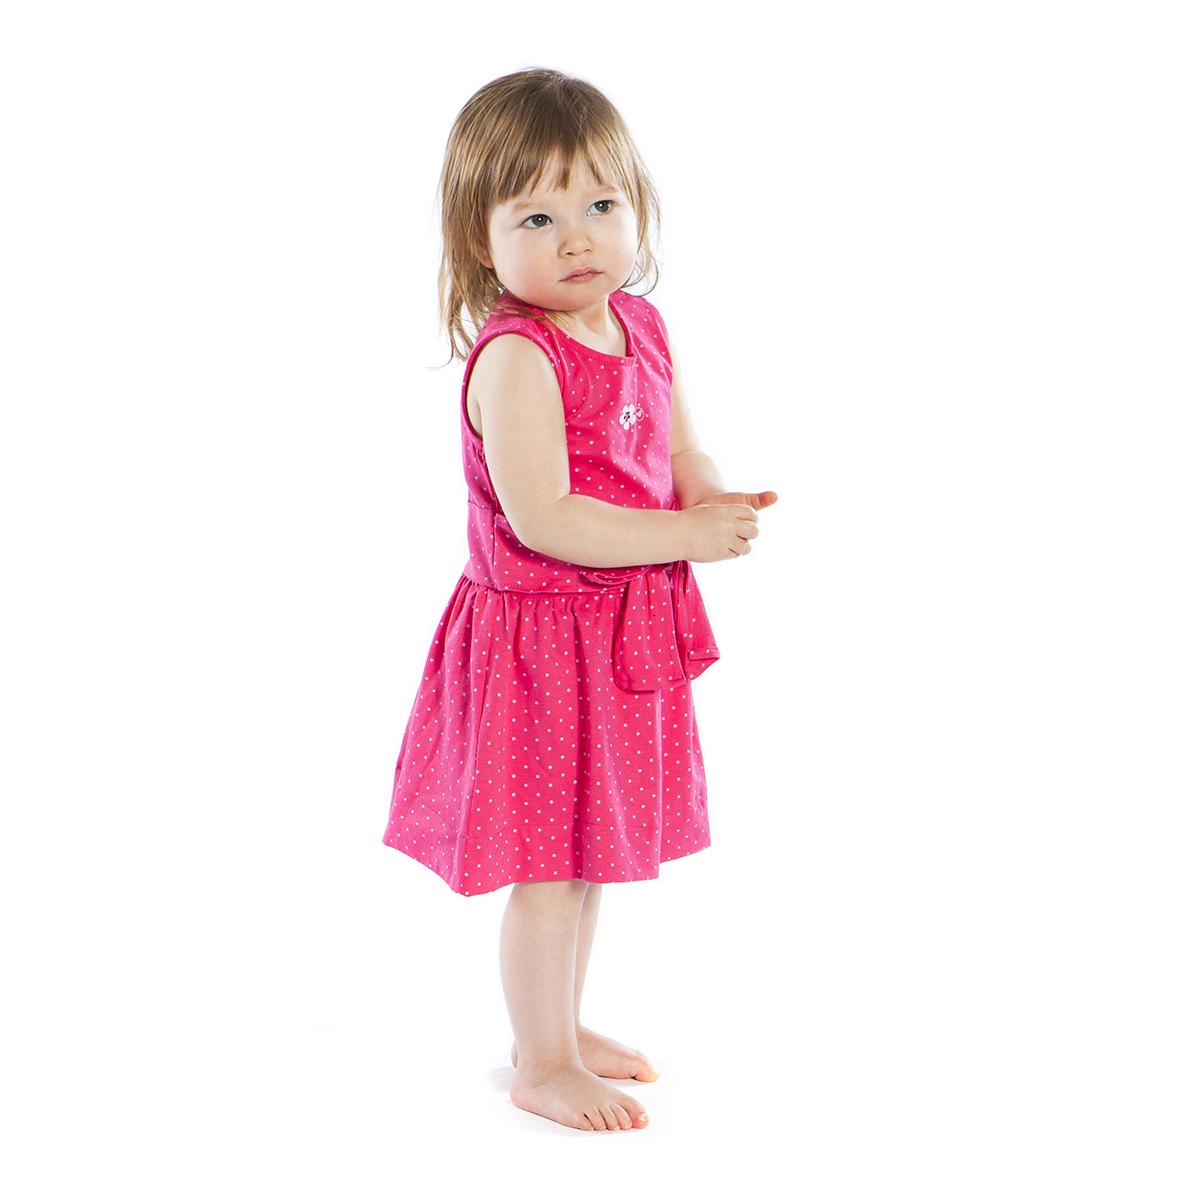 Nano look s1652 05 entrep t l 39 enfant unique - Entrepot enfant unique ...